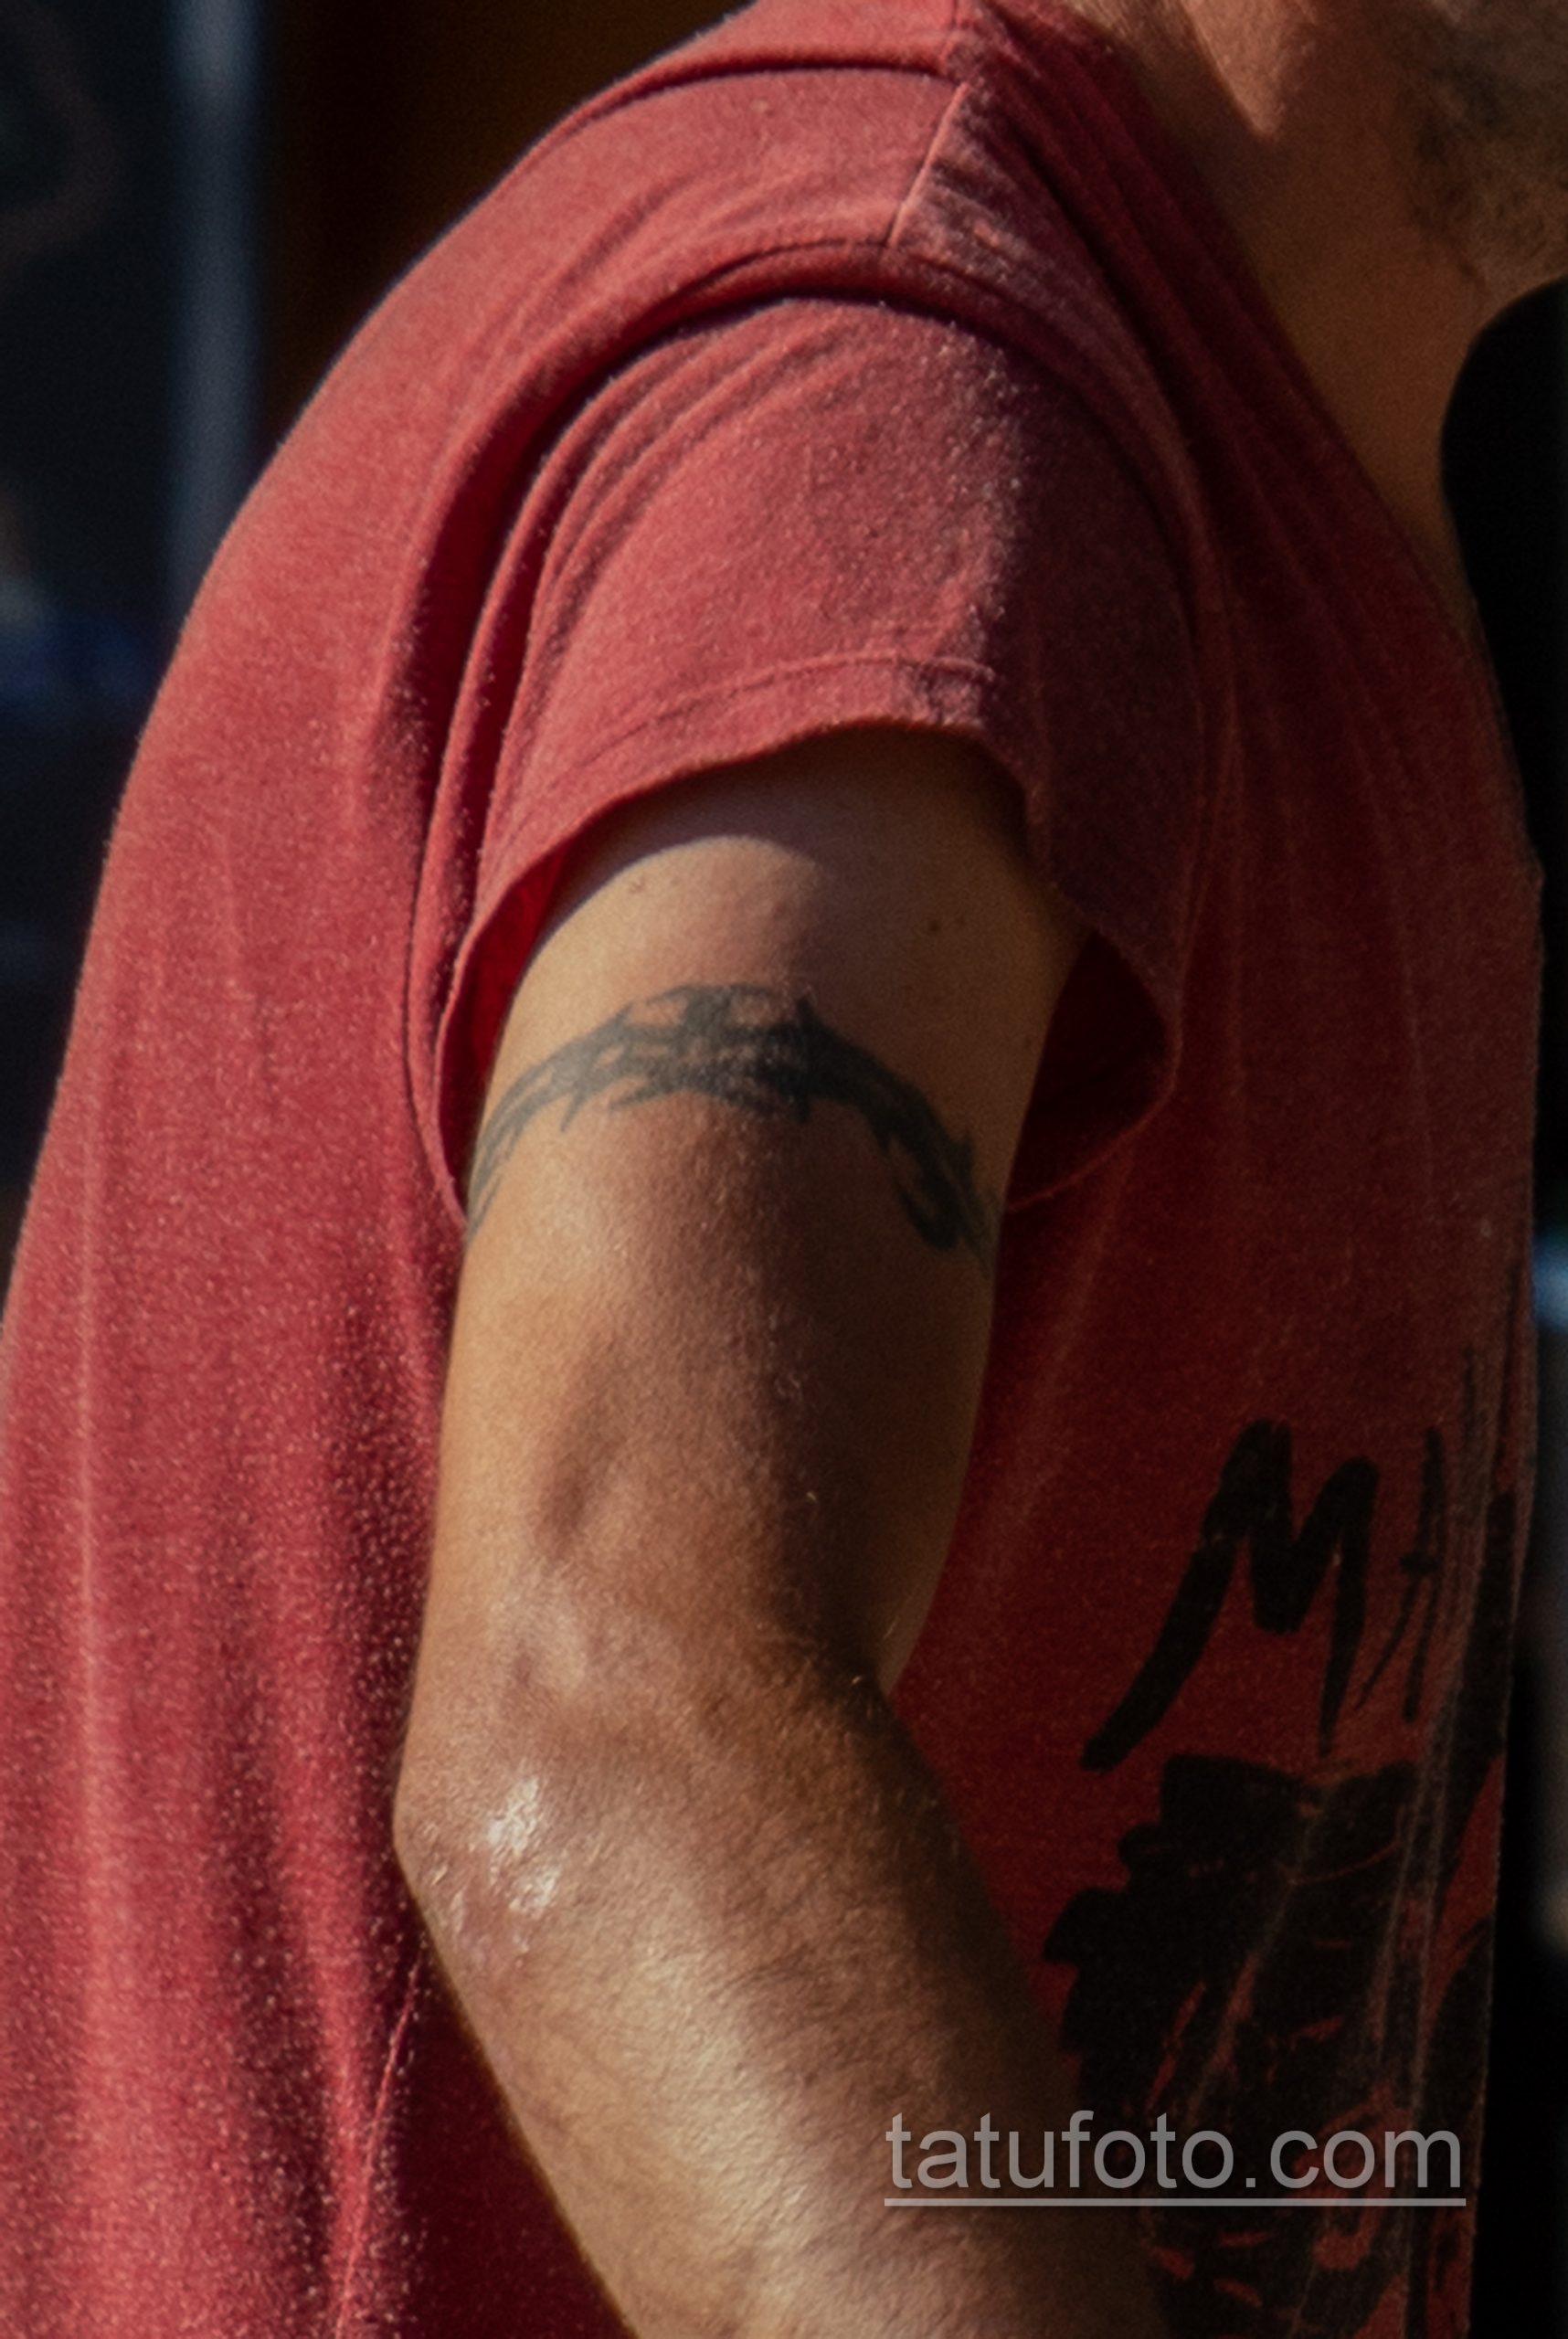 Фото неудачной трайбл тату браслетом терновника на руке мужчины – Уличная татуировка 14.09.2020 – tatufoto.com 2